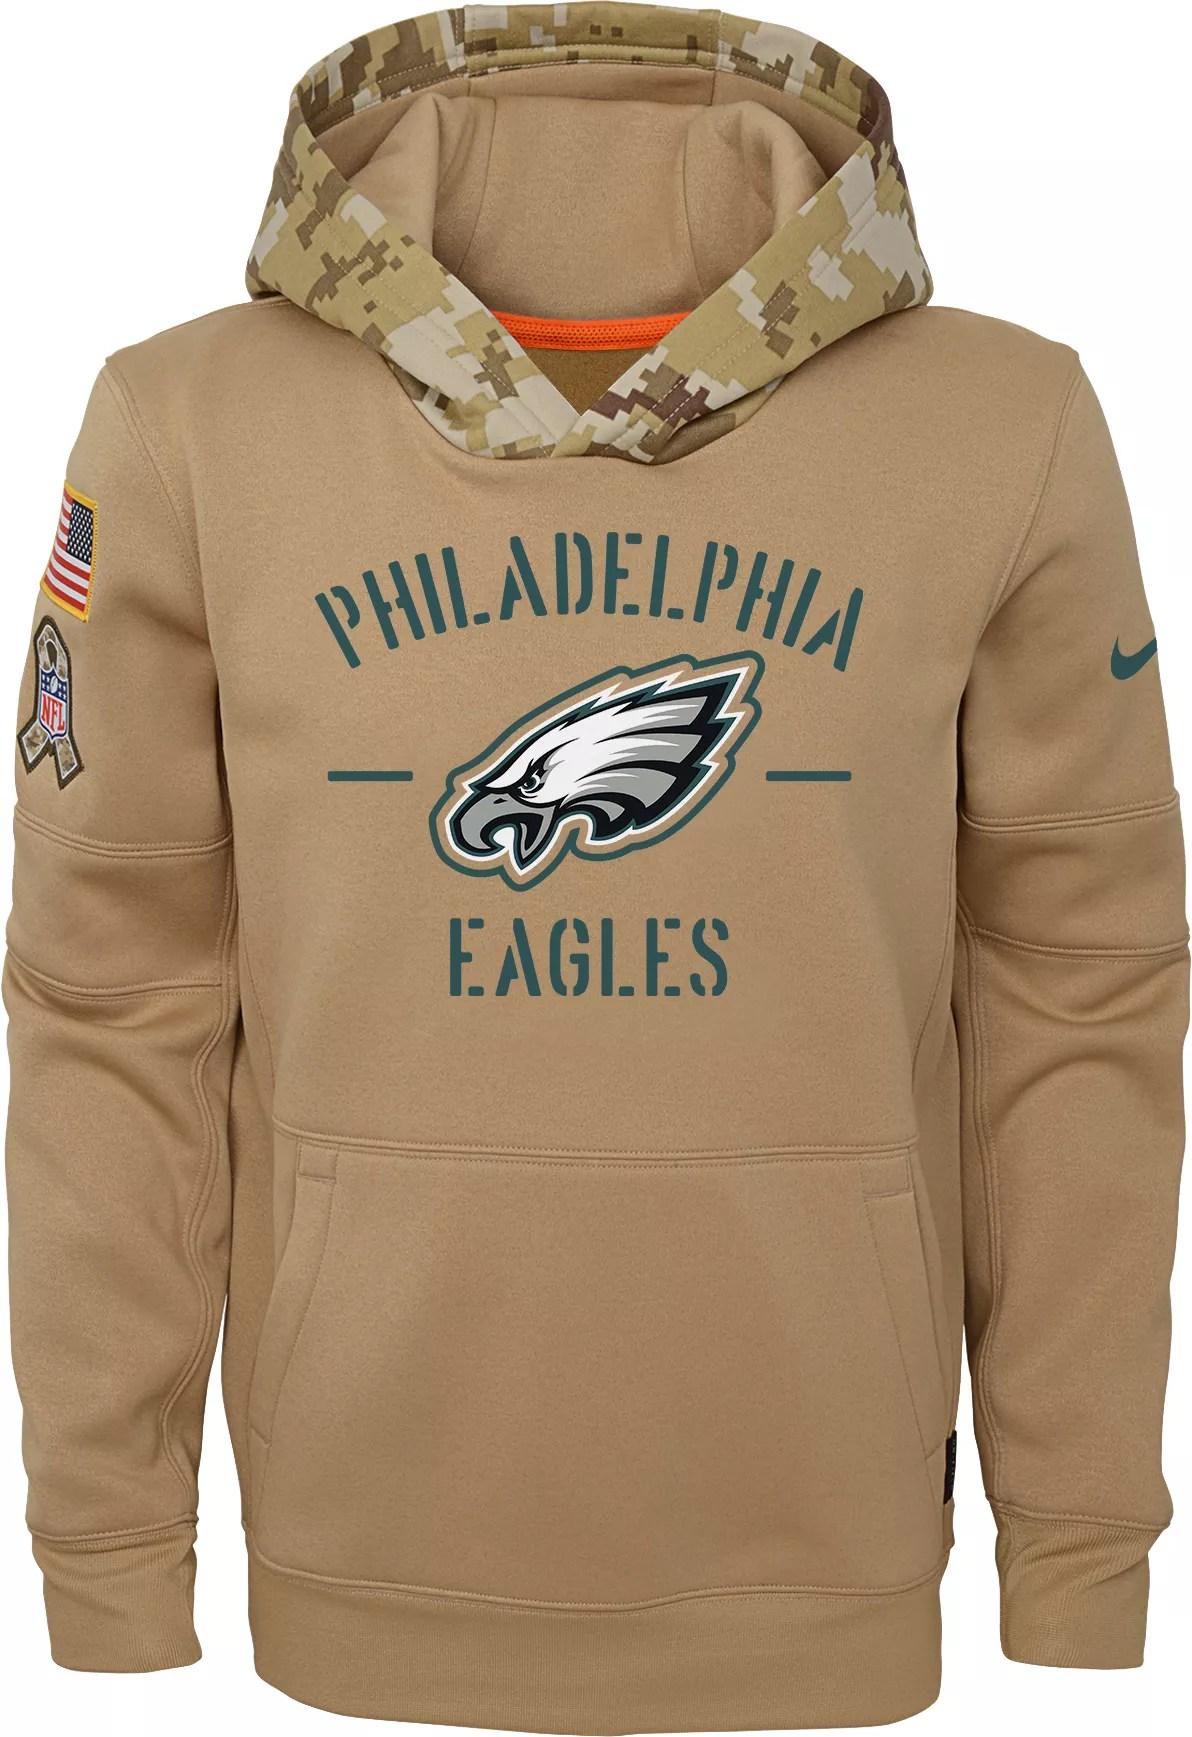 philadelphia eagles hoodie # 13